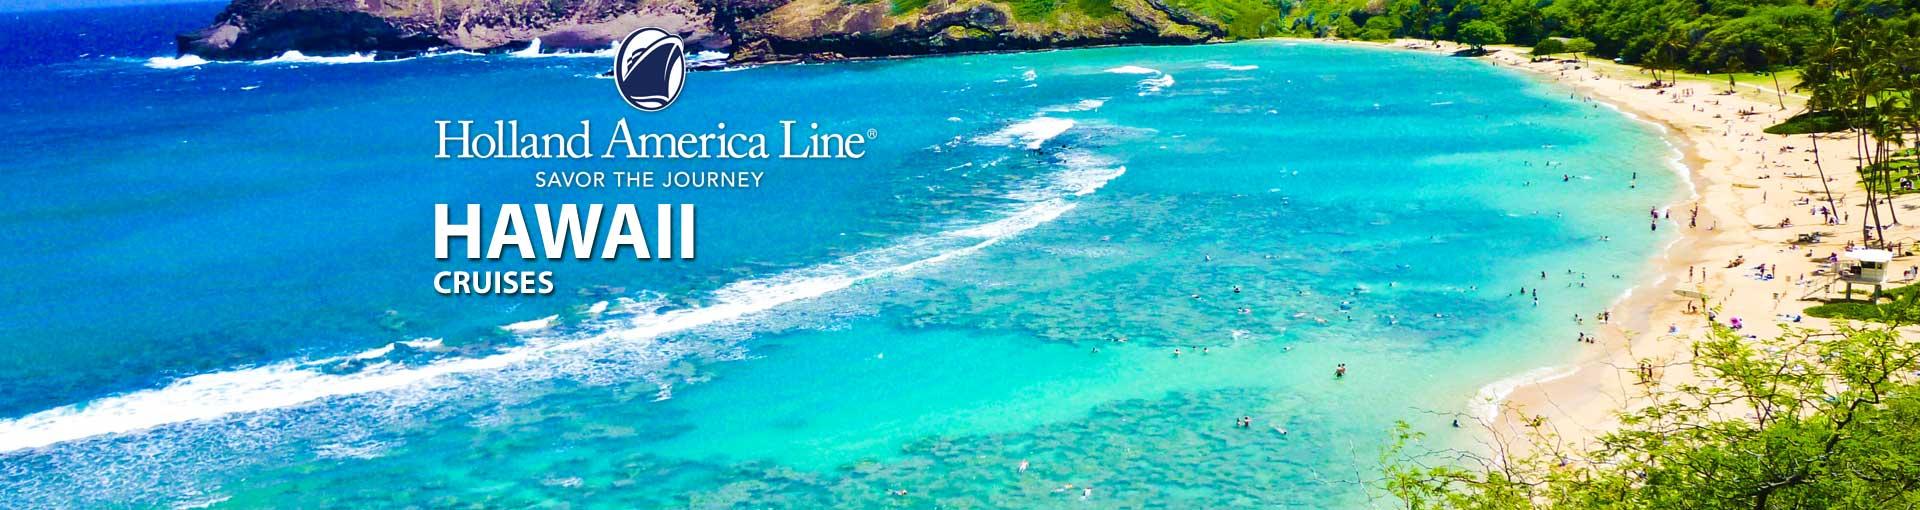 Holland America Hawaii Cruises 2018 And 2019 Hawaiian Holland America Cruises The Cruise Web